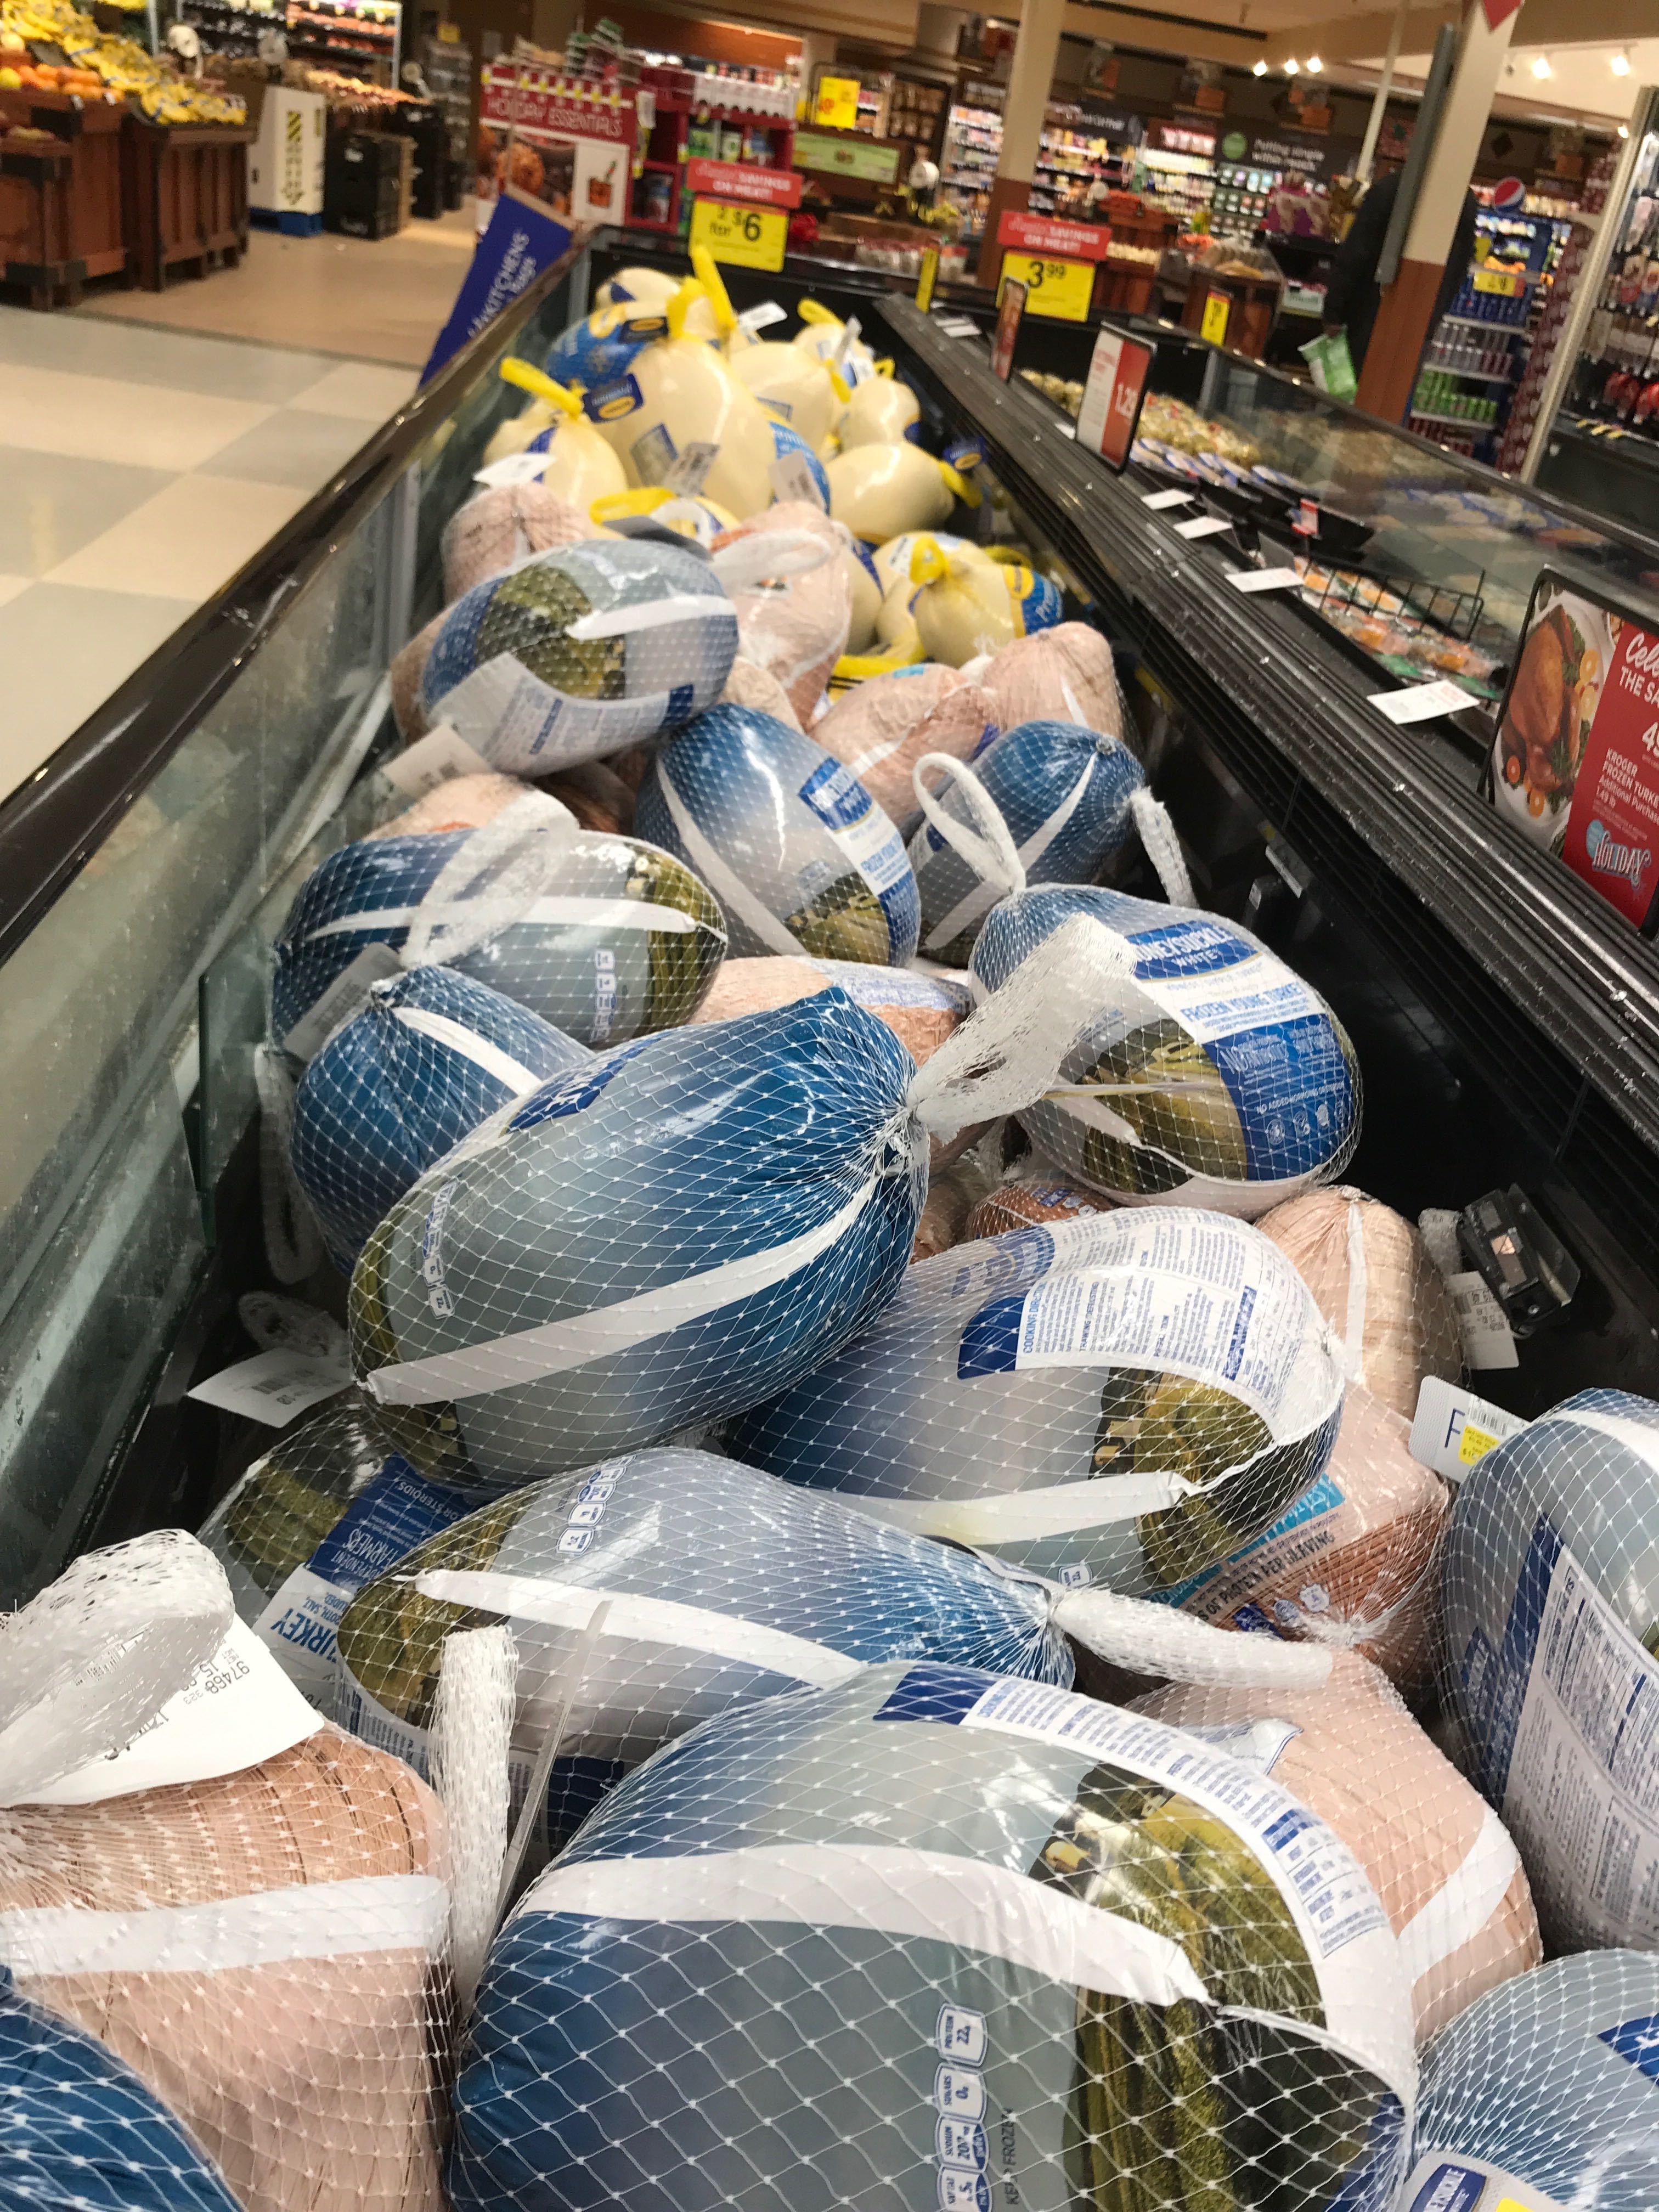 frozen turkeys in grocery store